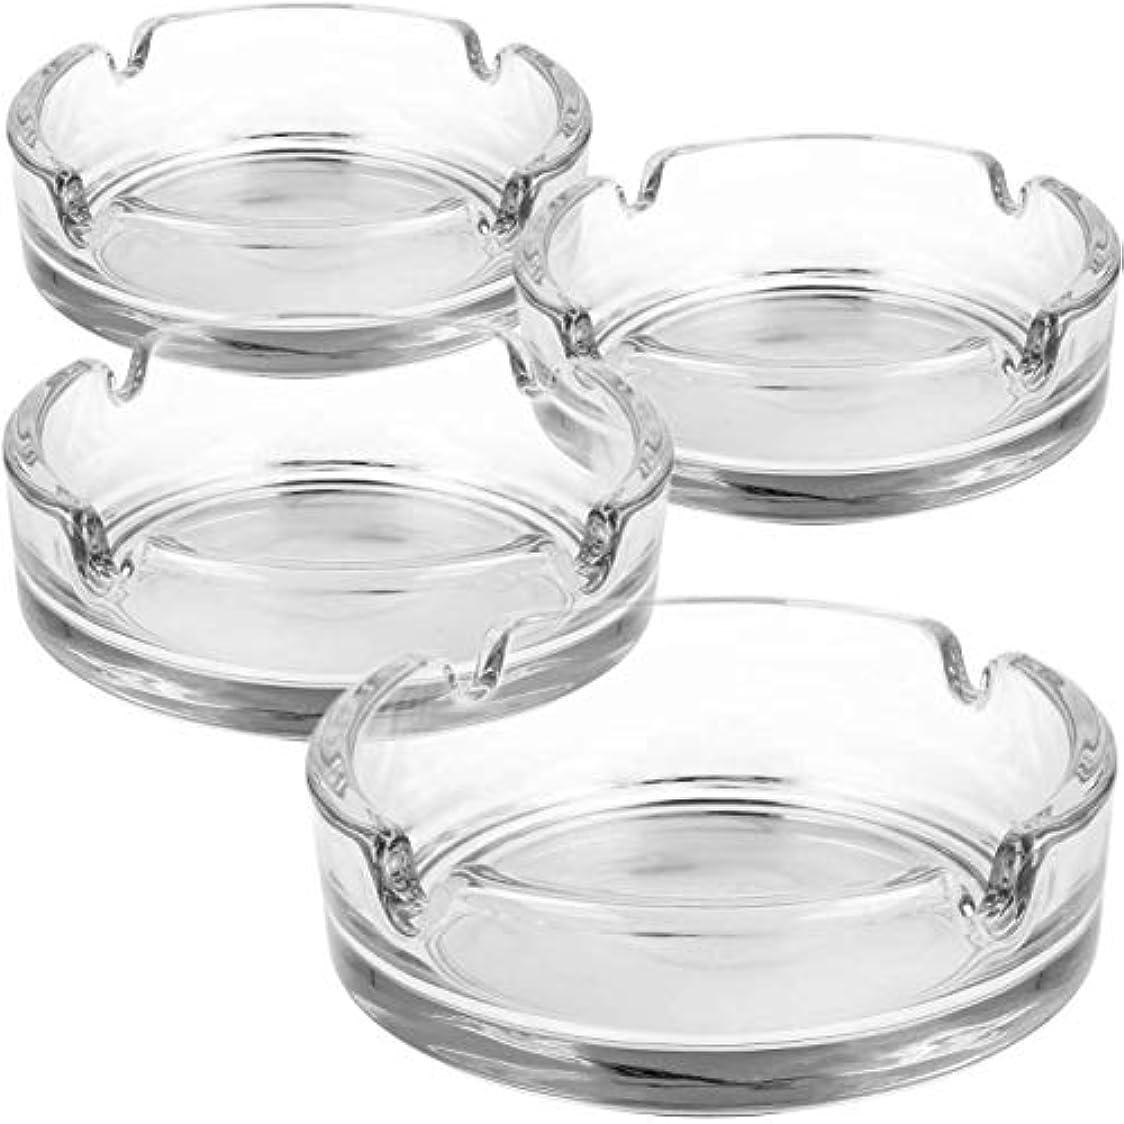 レディロースト考えガラス製の4倍の灰皿 - タバコ用クリアガラスの灰皿 - プライベートと美食のための灰皿